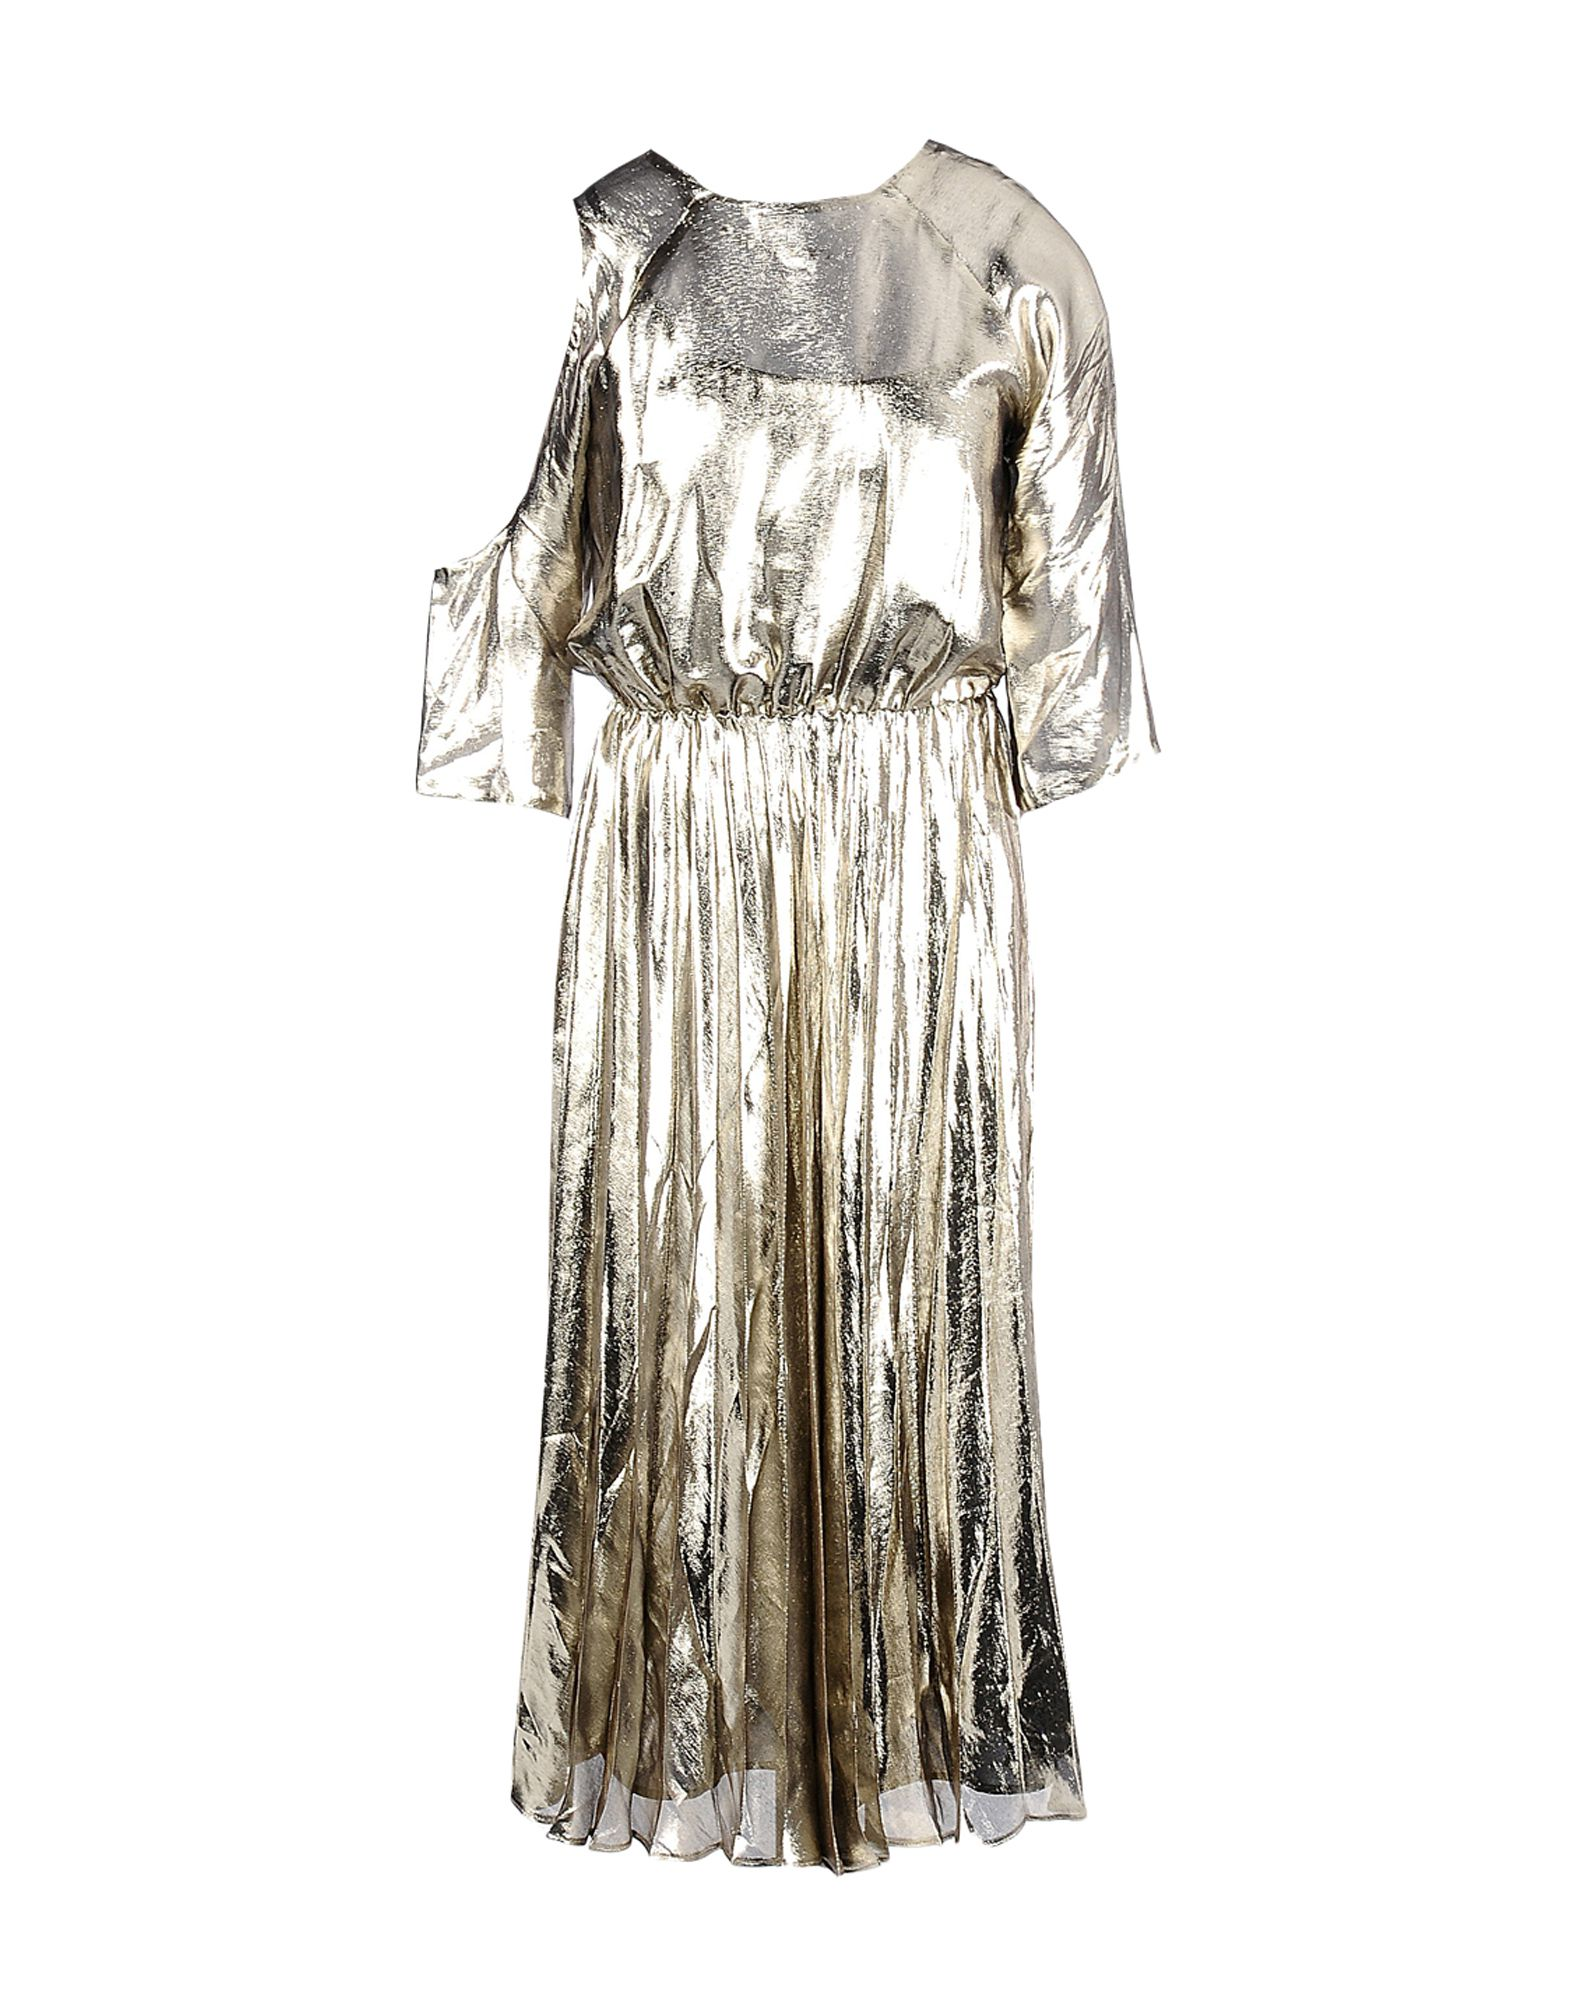 ANOUKI Evening Dress in Platinum